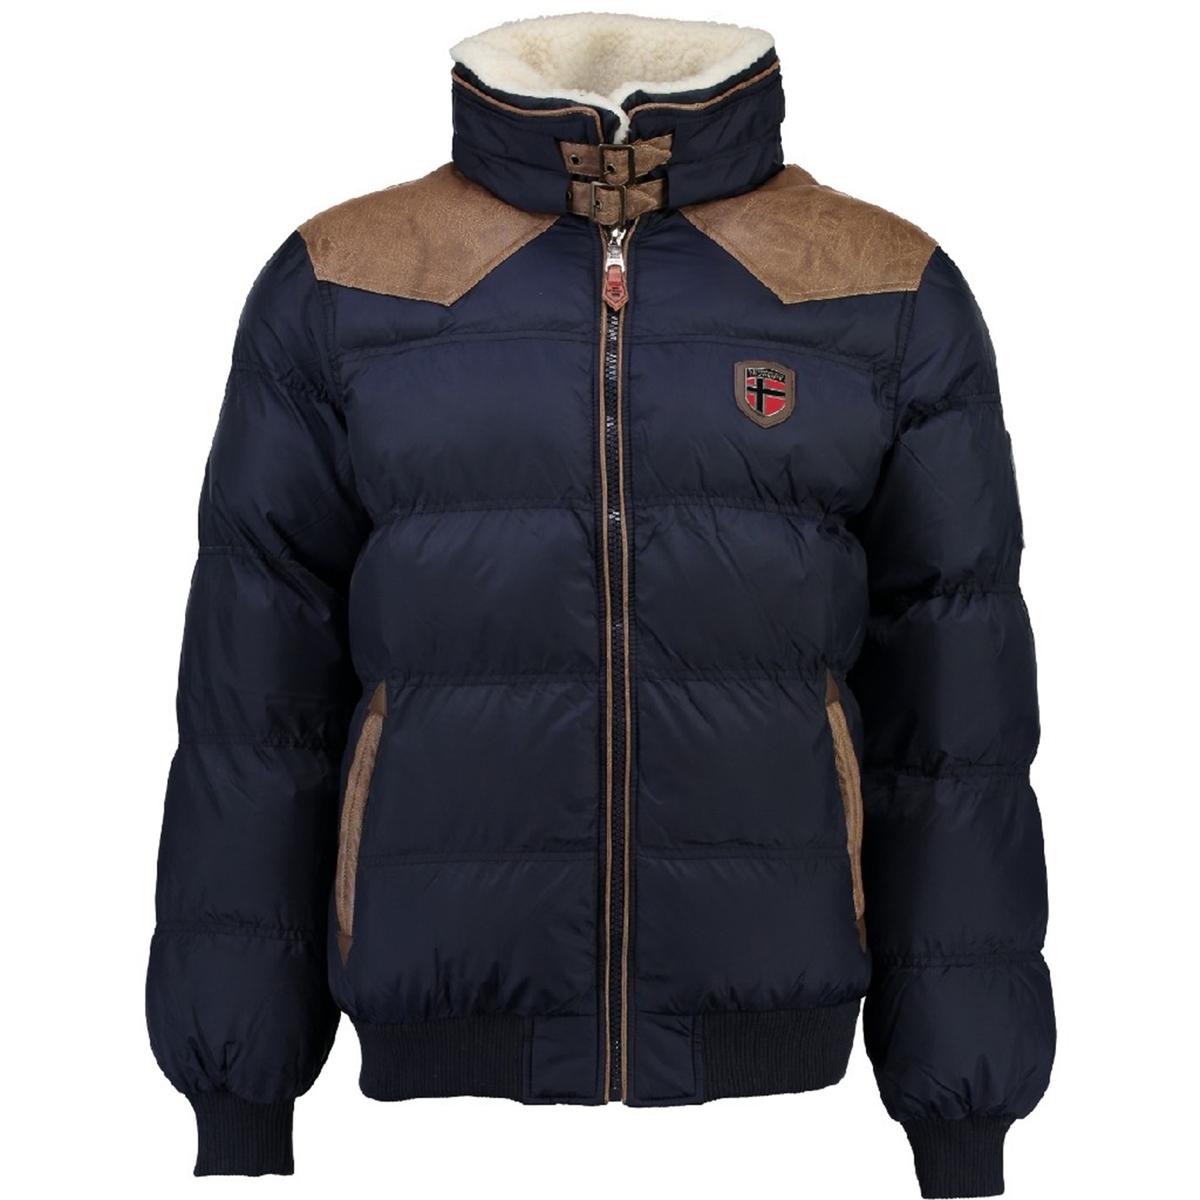 Куртка стеганаяДетали •  Длина : укороченная   •  Капюшон  •  Застежка на молниюСостав и уход •  100% полиамид  •  Следуйте советам по уходу, указанным на этикетке<br><br>Цвет: синий морской,черный